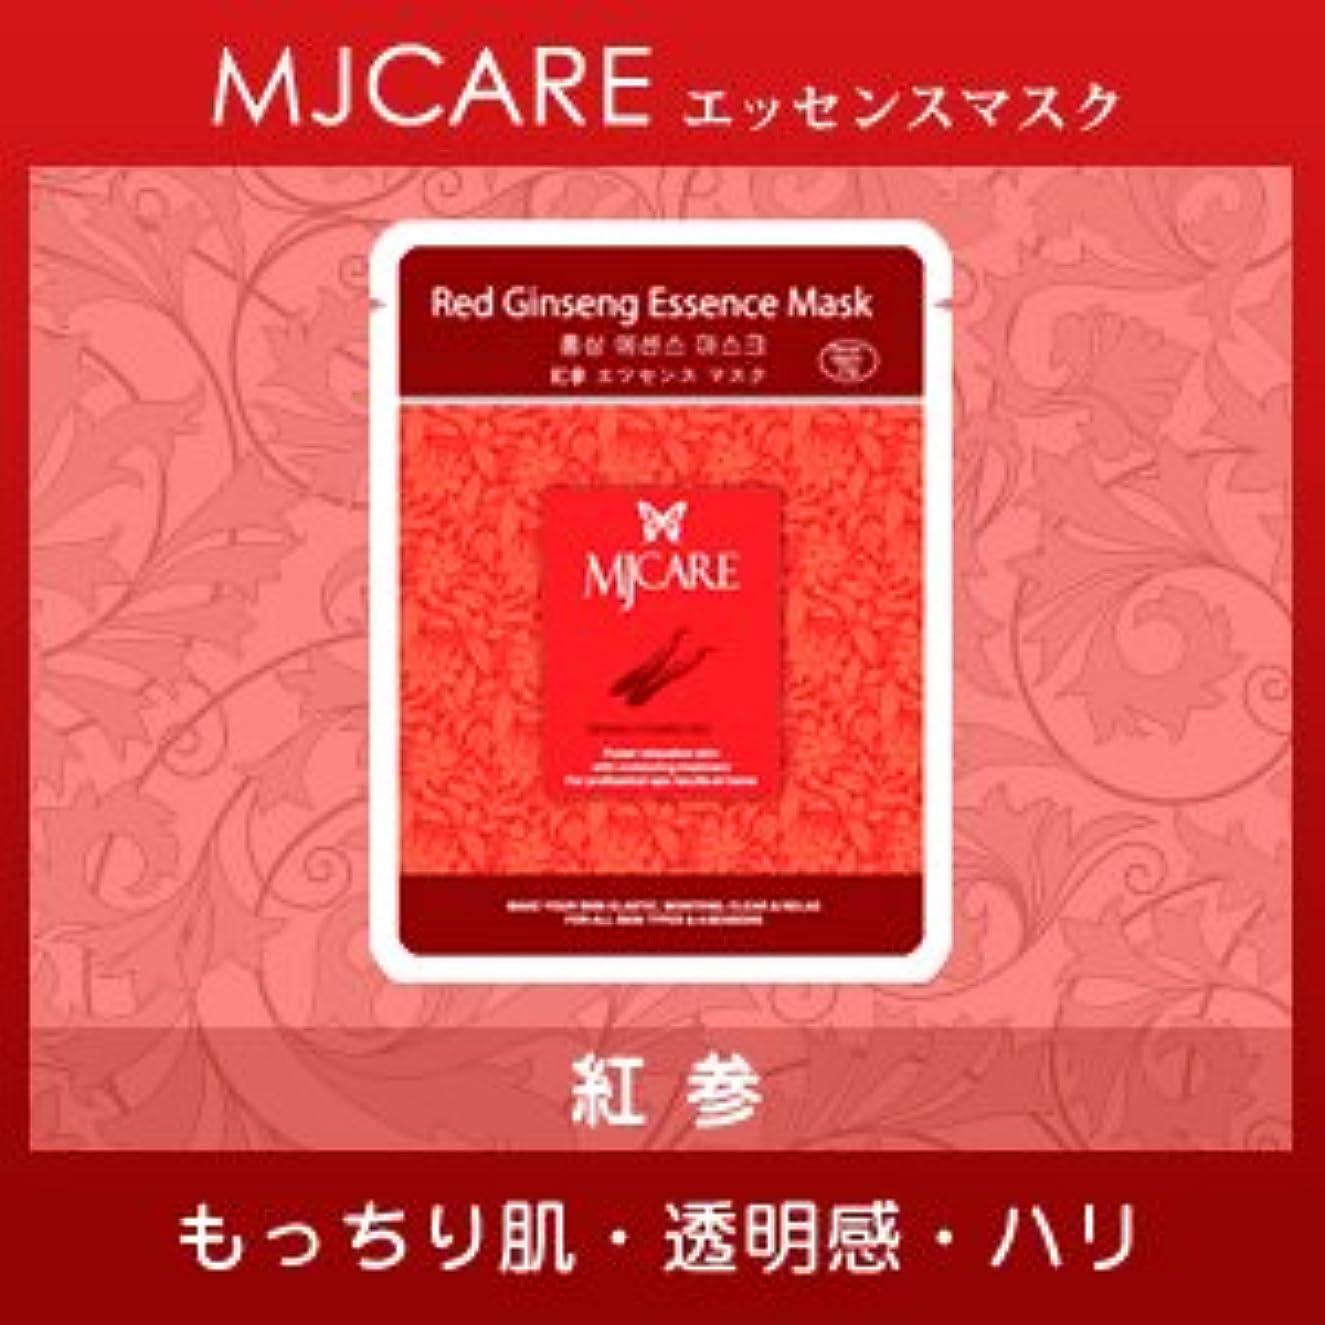 かかわらずしっとり最もMJ-CAREエッセンスマスク 紅参10枚セット